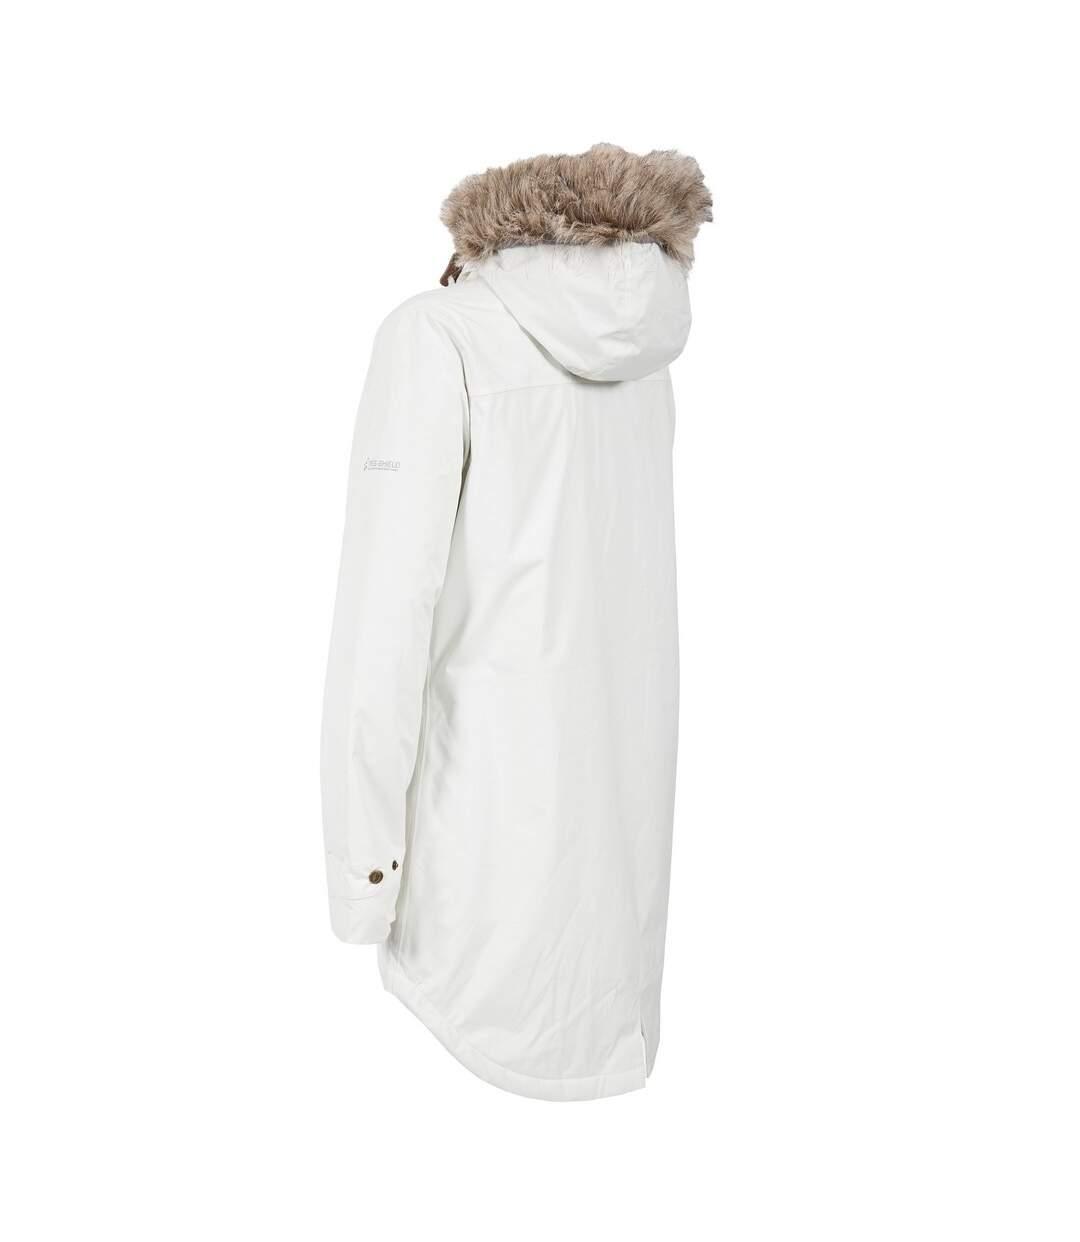 Trespass Womens/Ladies Clea Waterproof Parka Padded Jacket (Ghost) - UTTP4500